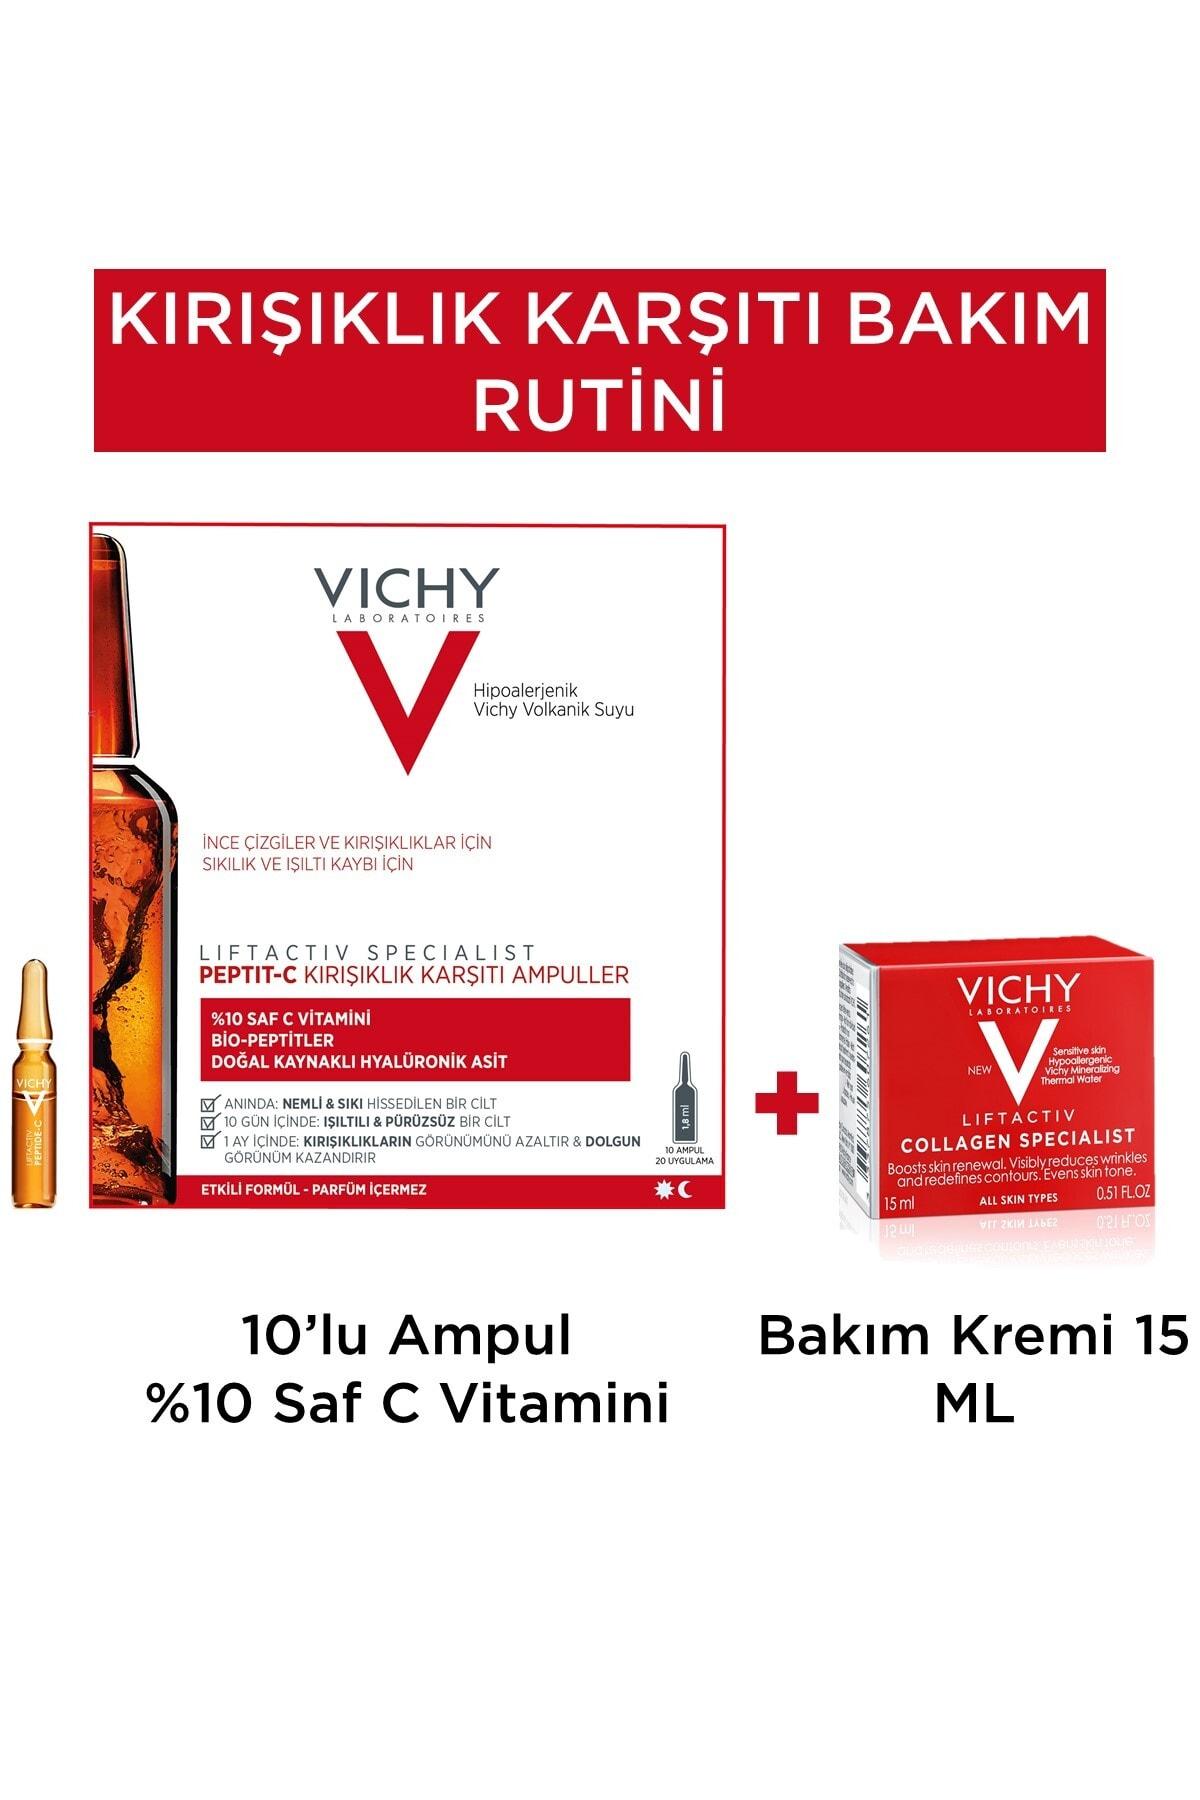 Vichy Kırışıklık Karşıtı Bakım Rutini 1 Nemlendirici Hediye  8681689318130 1